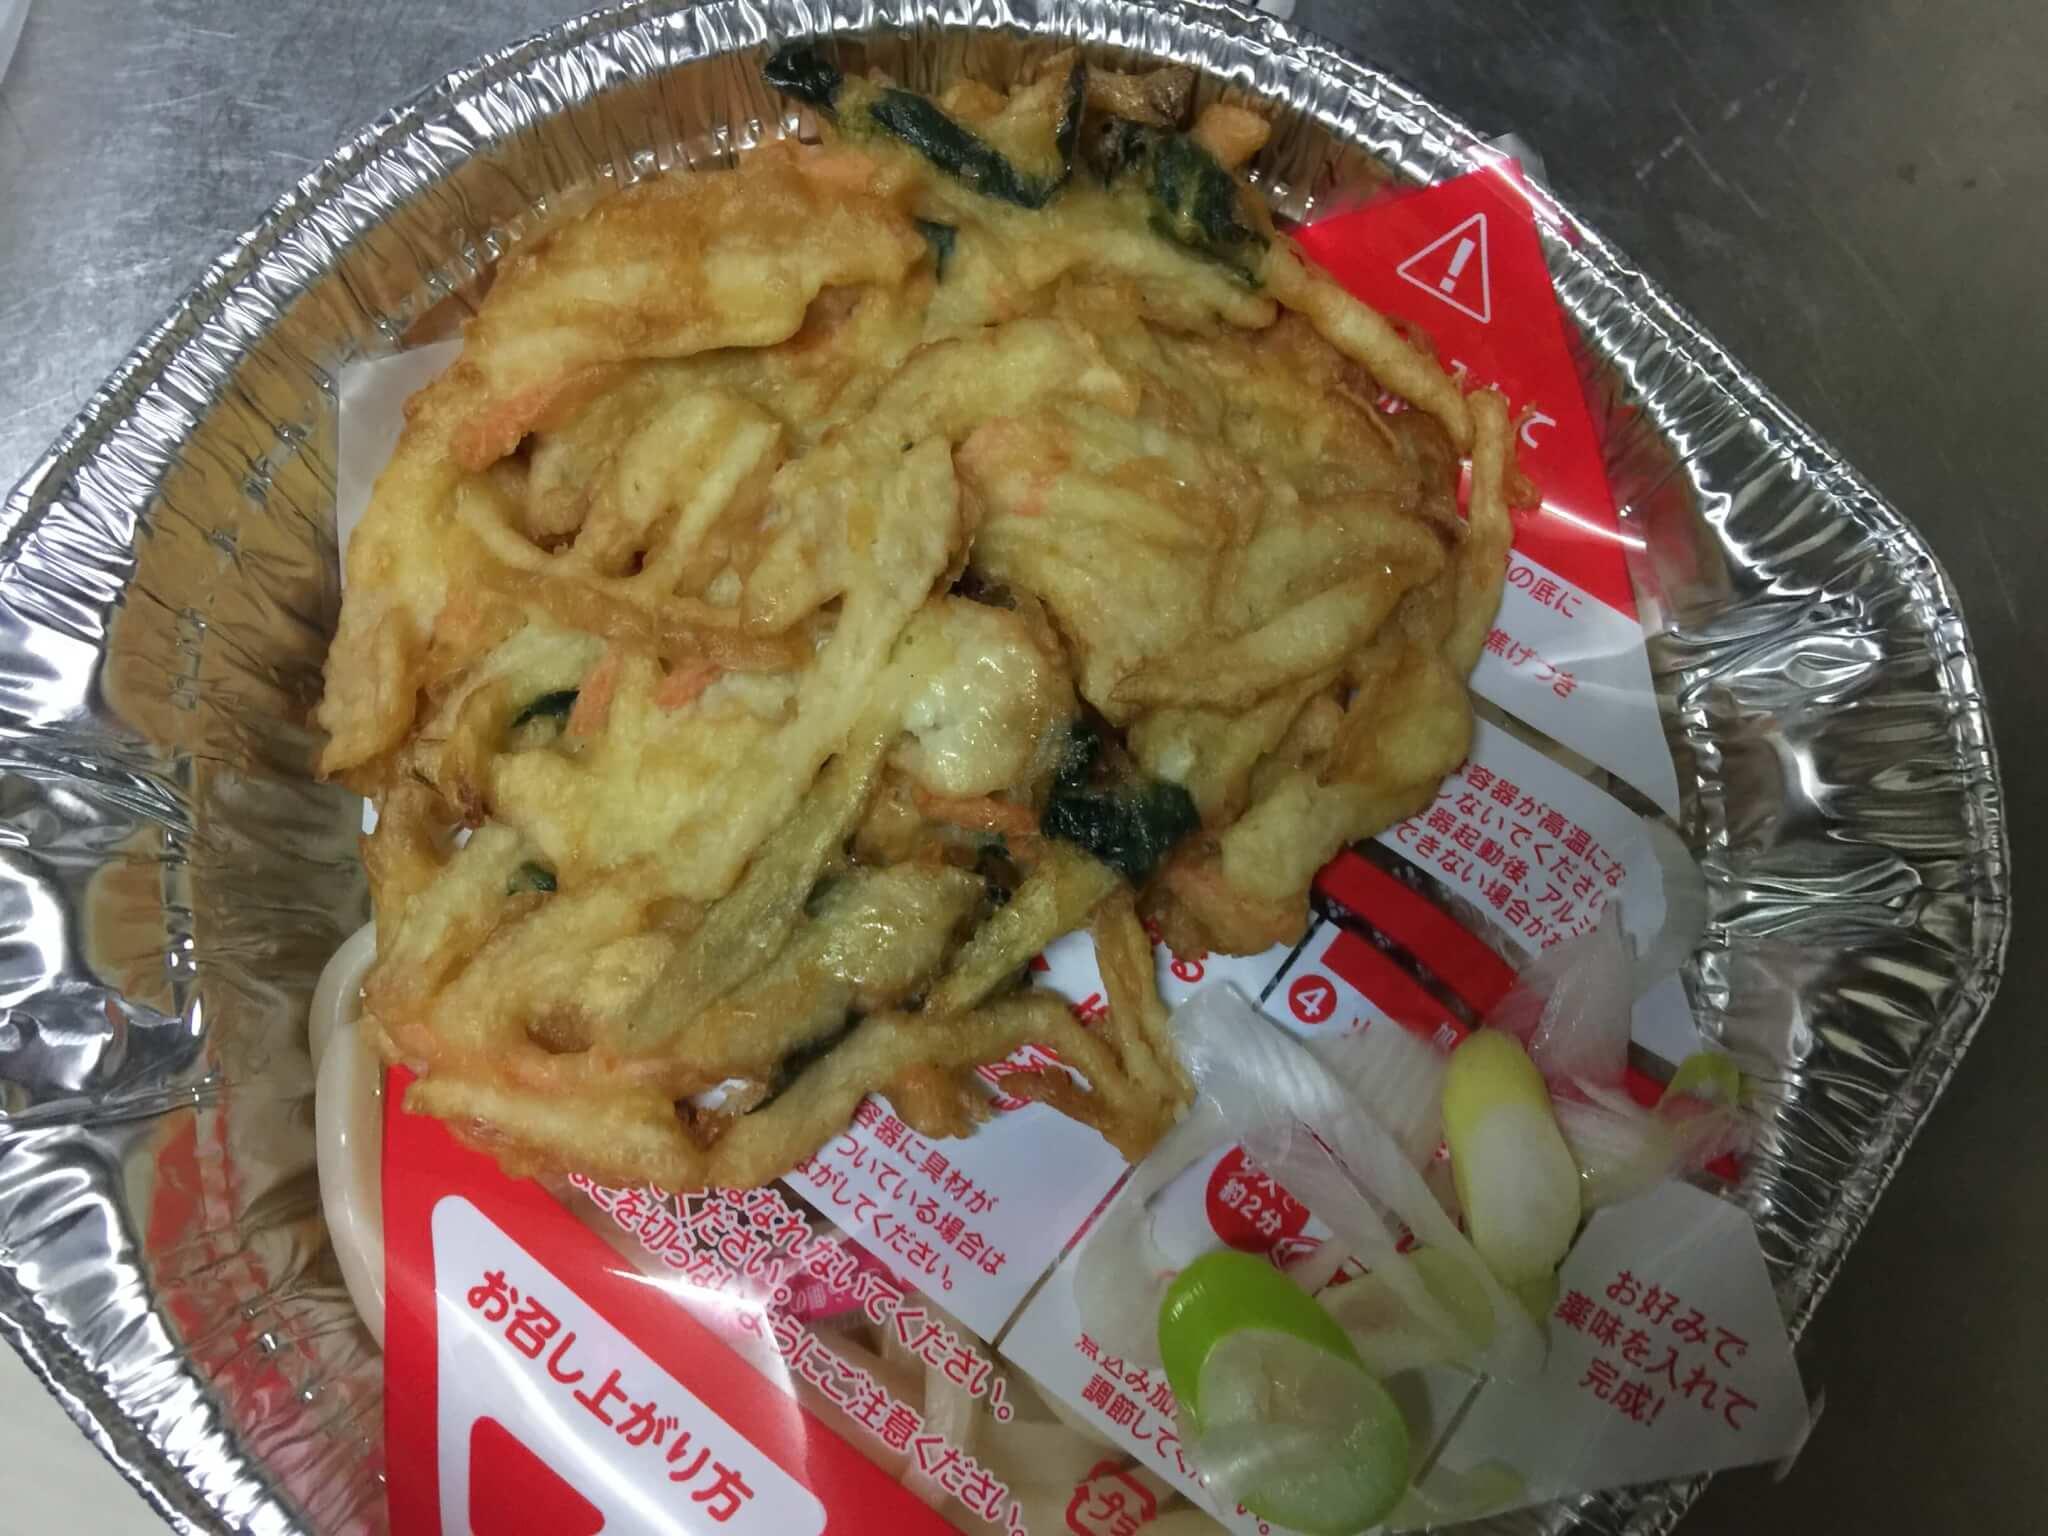 セブンイレブンの天ぷら鍋焼きうどんを開けたところ